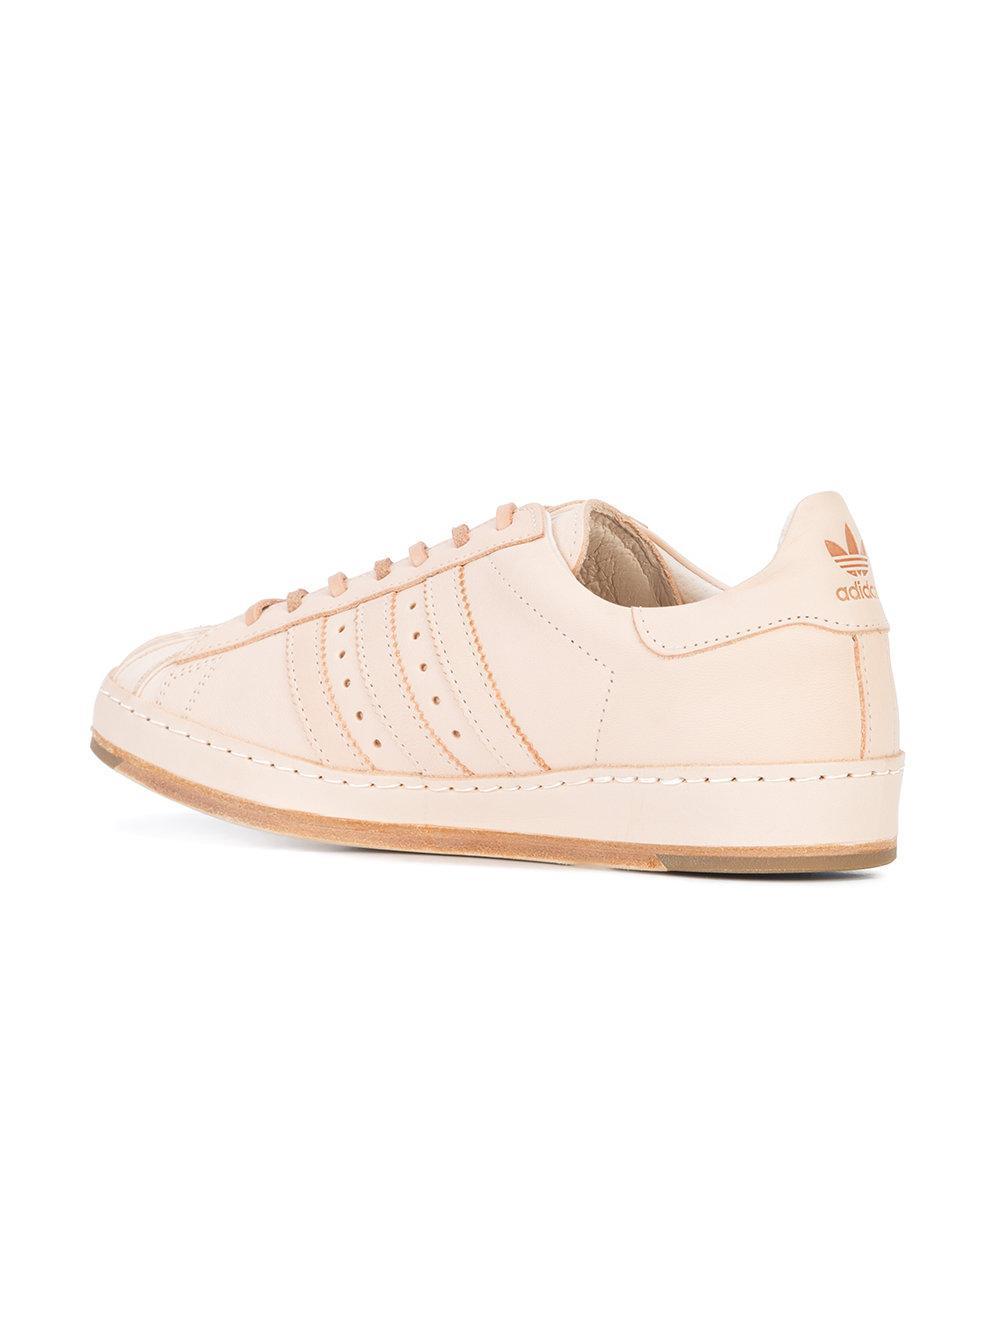 d52ecefd680ba Hender Scheme Mip-02 Sneakers in Pink for Men - Lyst